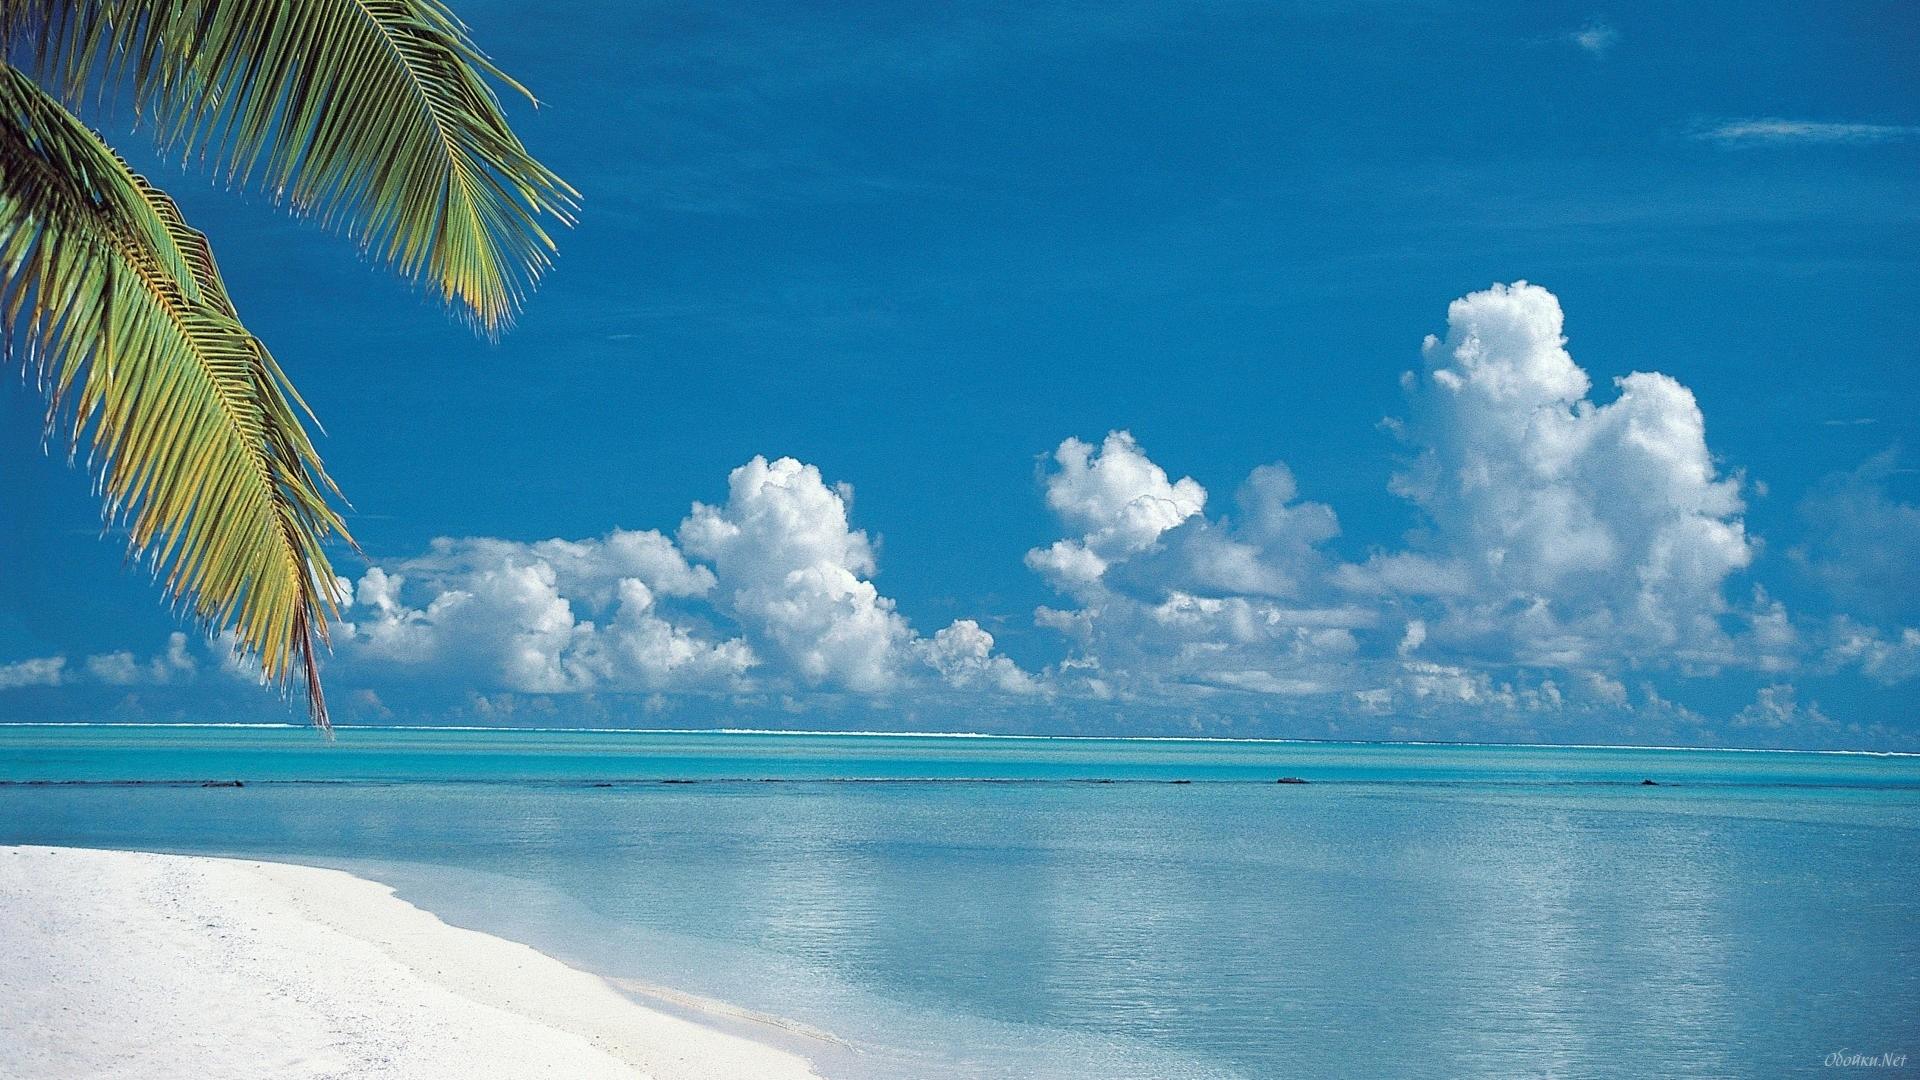 16470 скачать обои Пейзаж, Море, Пляж, Лето - заставки и картинки бесплатно